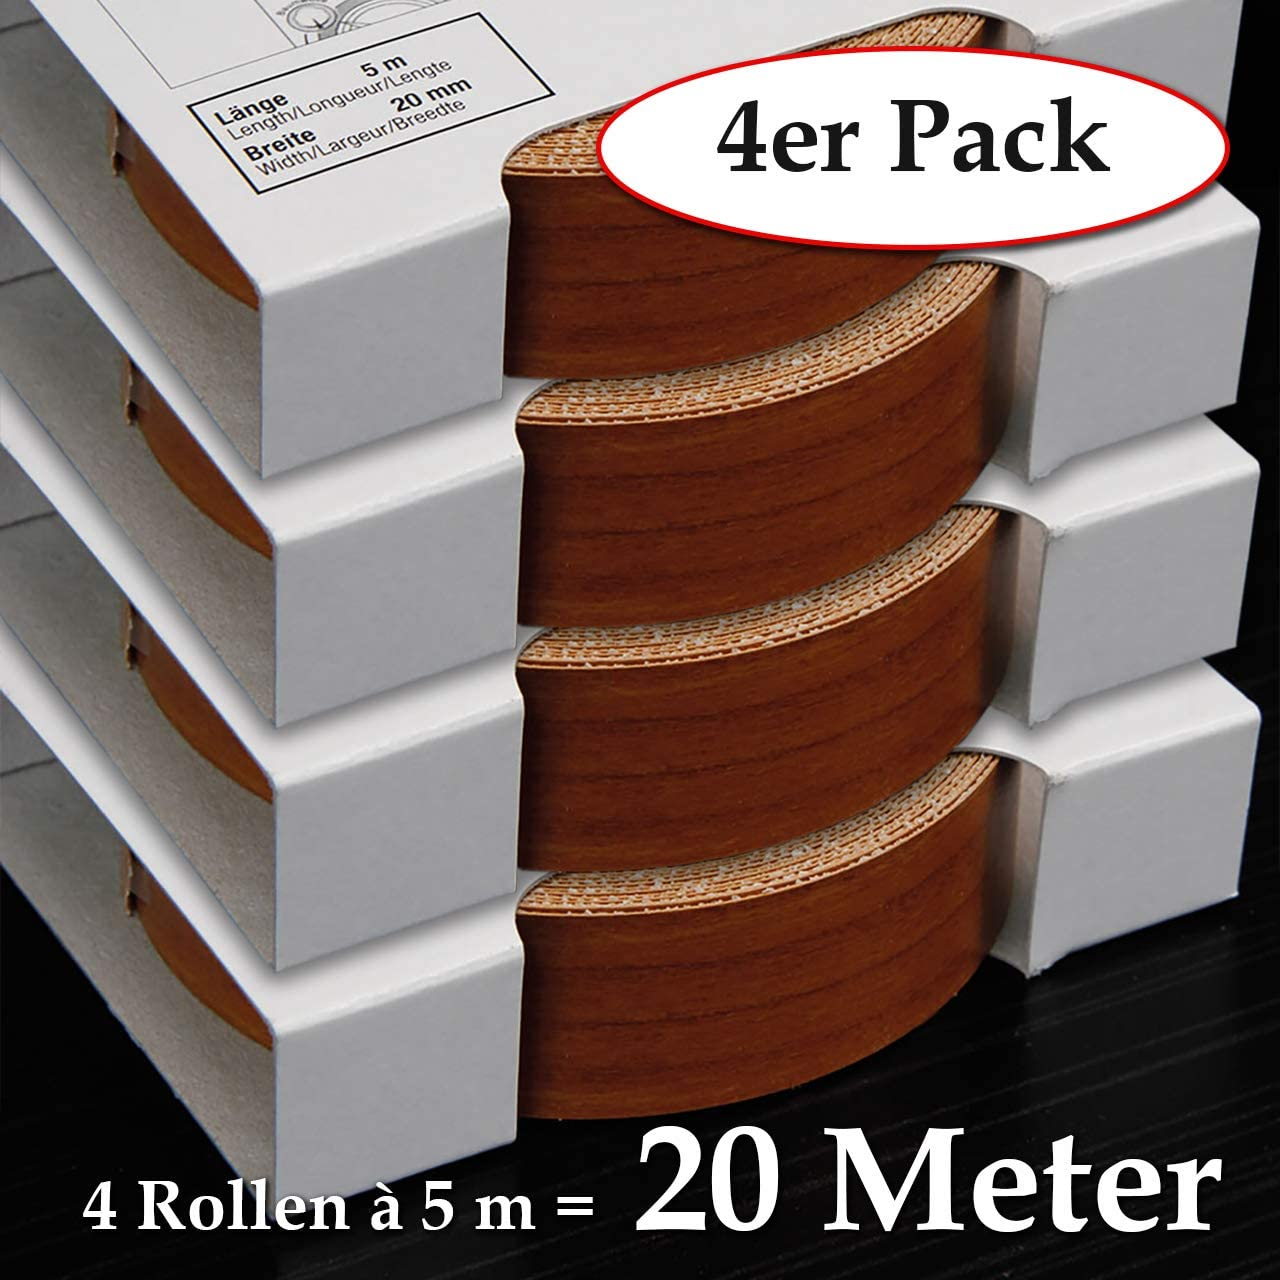 Schmelzkleber f/ür Regalb/öden 2 Rollen = 10 Meter Kantenumleimer inkl 2-er Pack Melaminkantenumleimer in Kirschbaum hell 20 mm x 5 m Rolle Umleimer in Holzoptik glatt und strukturlos